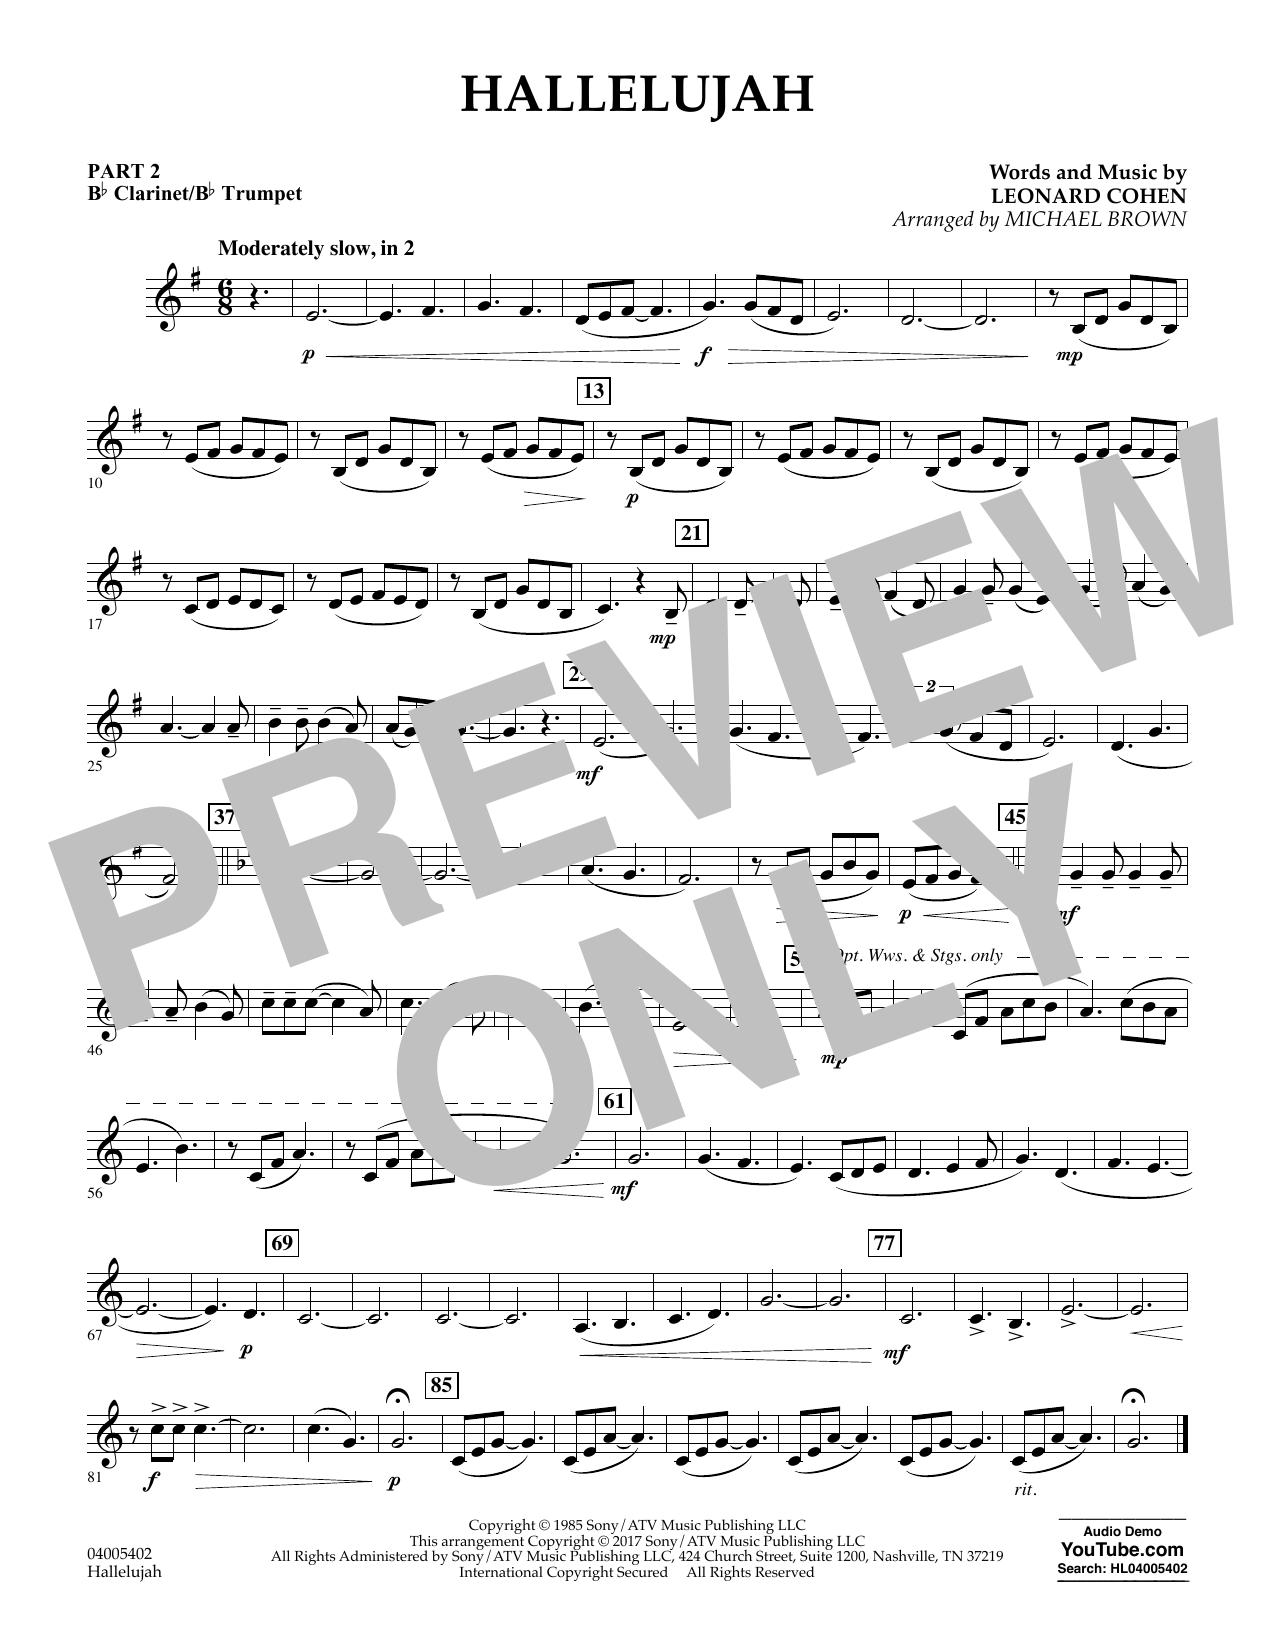 Hallelujah - Pt.2 - Bb Clarinet/Bb Trumpet (Flex-Band)